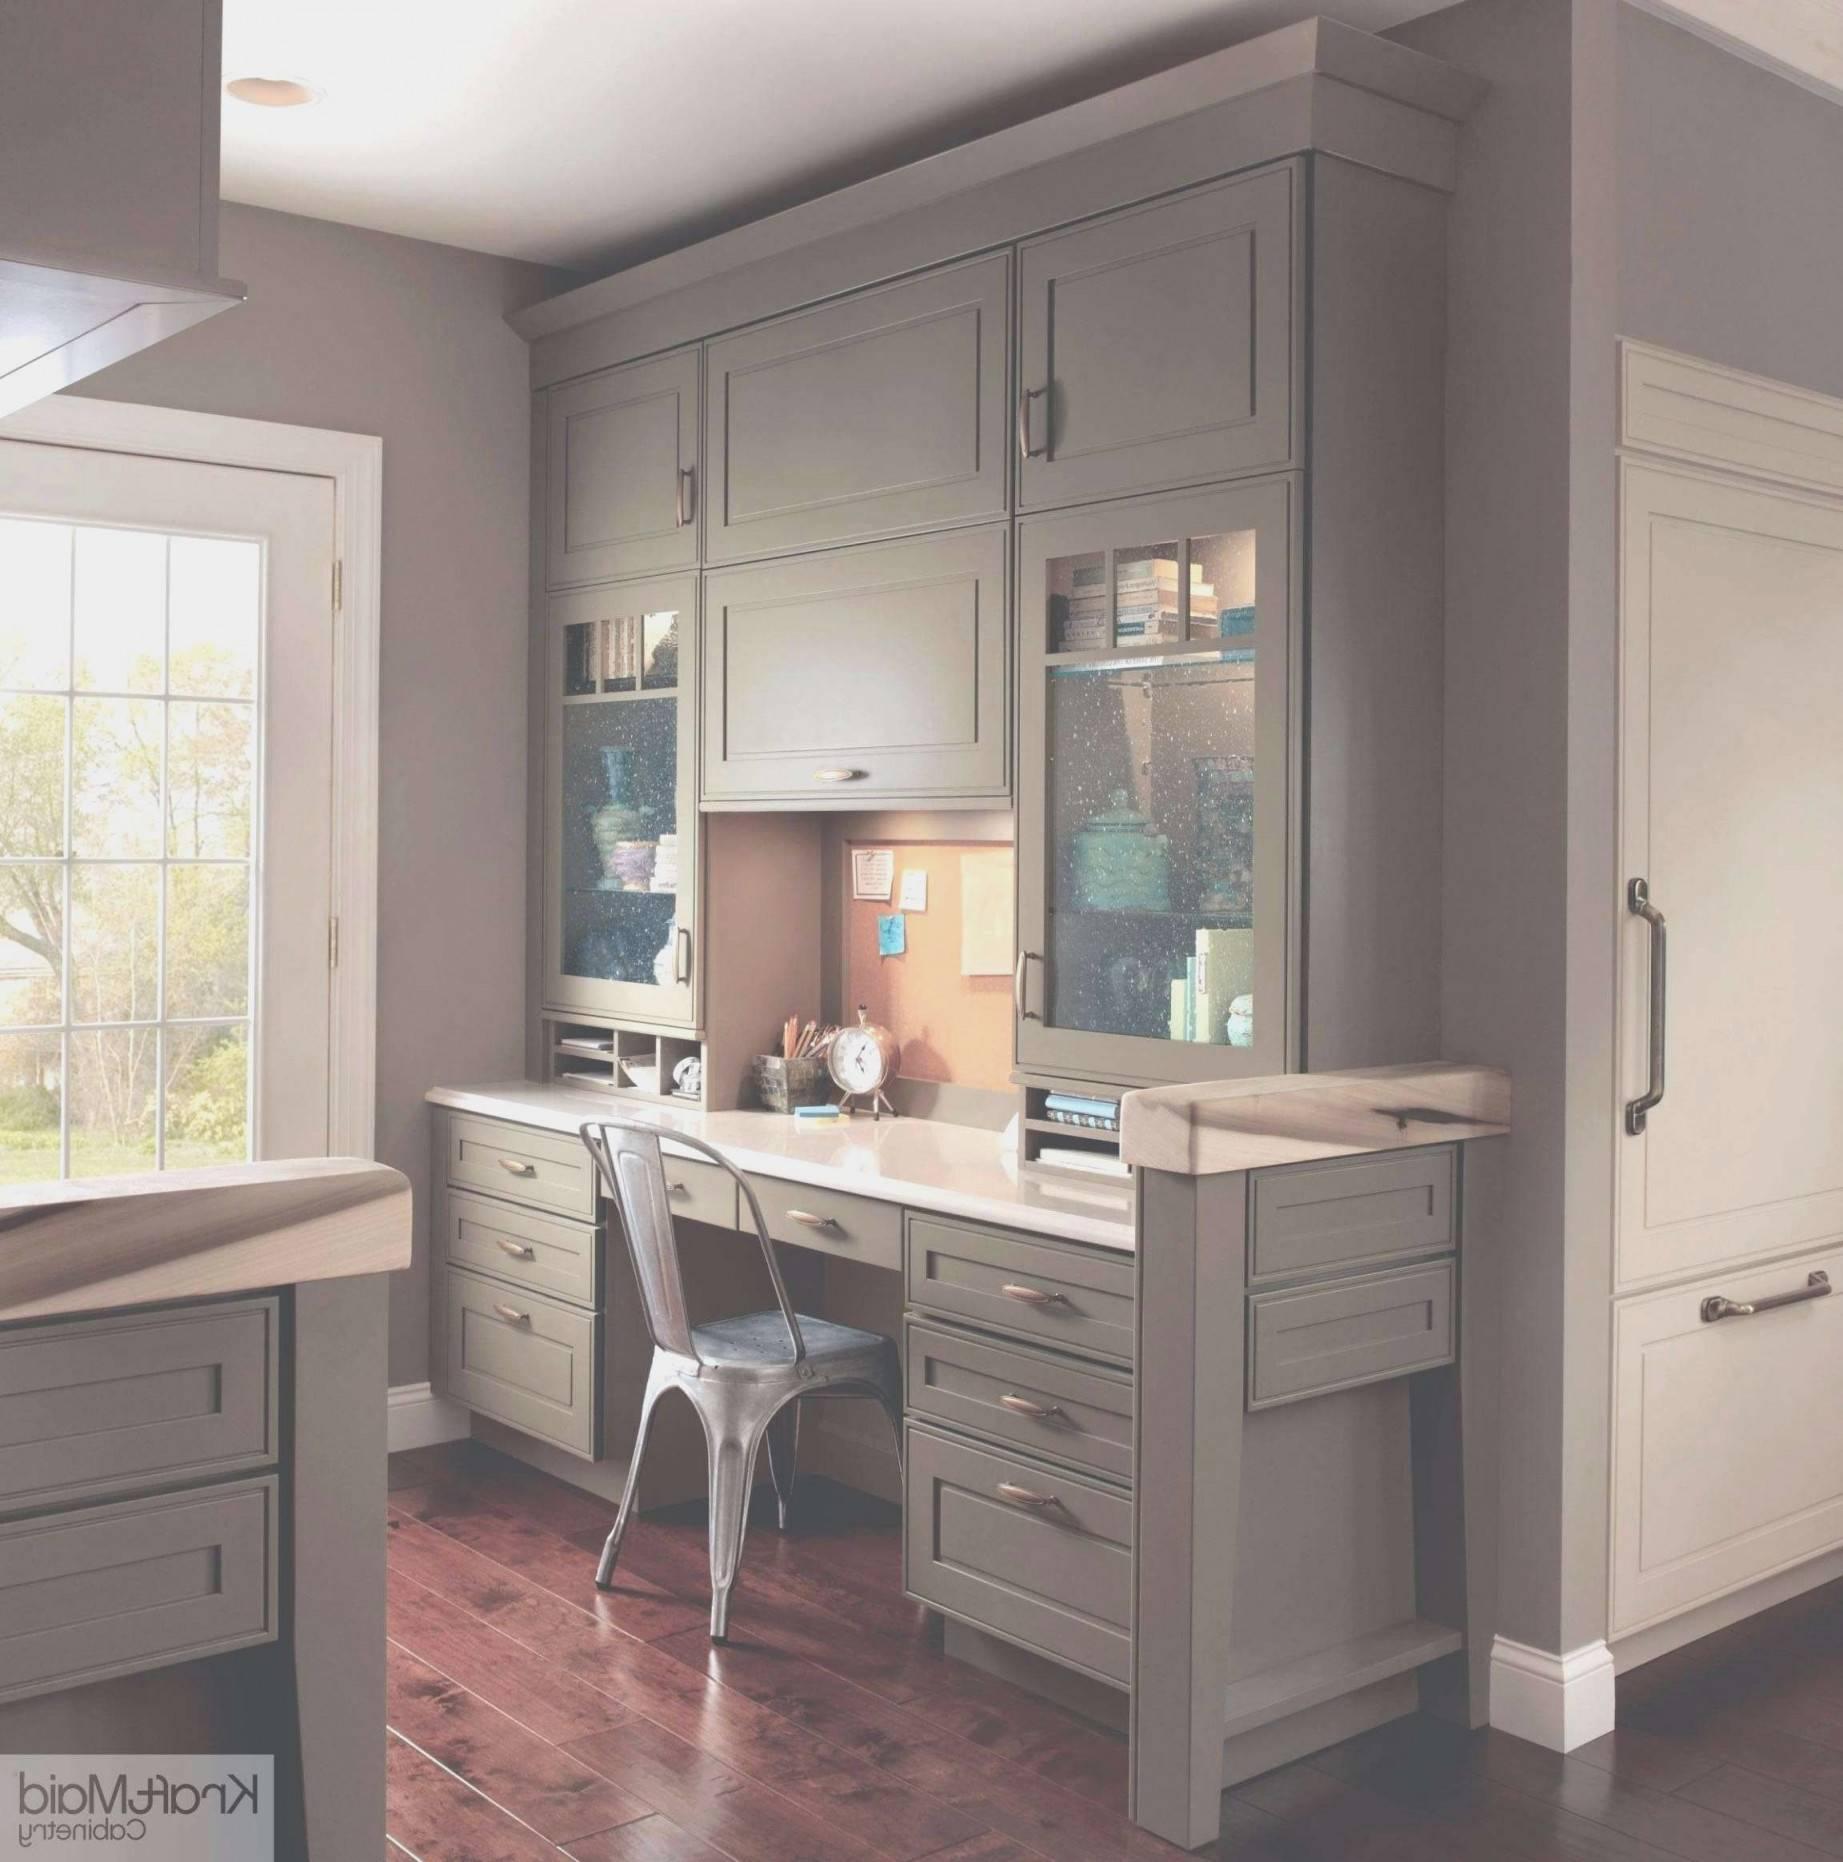 storage cabinet kitchen pantry lovely 24 kitchen pantry cabinet norwin home design of storage cabinet kitchen pantry